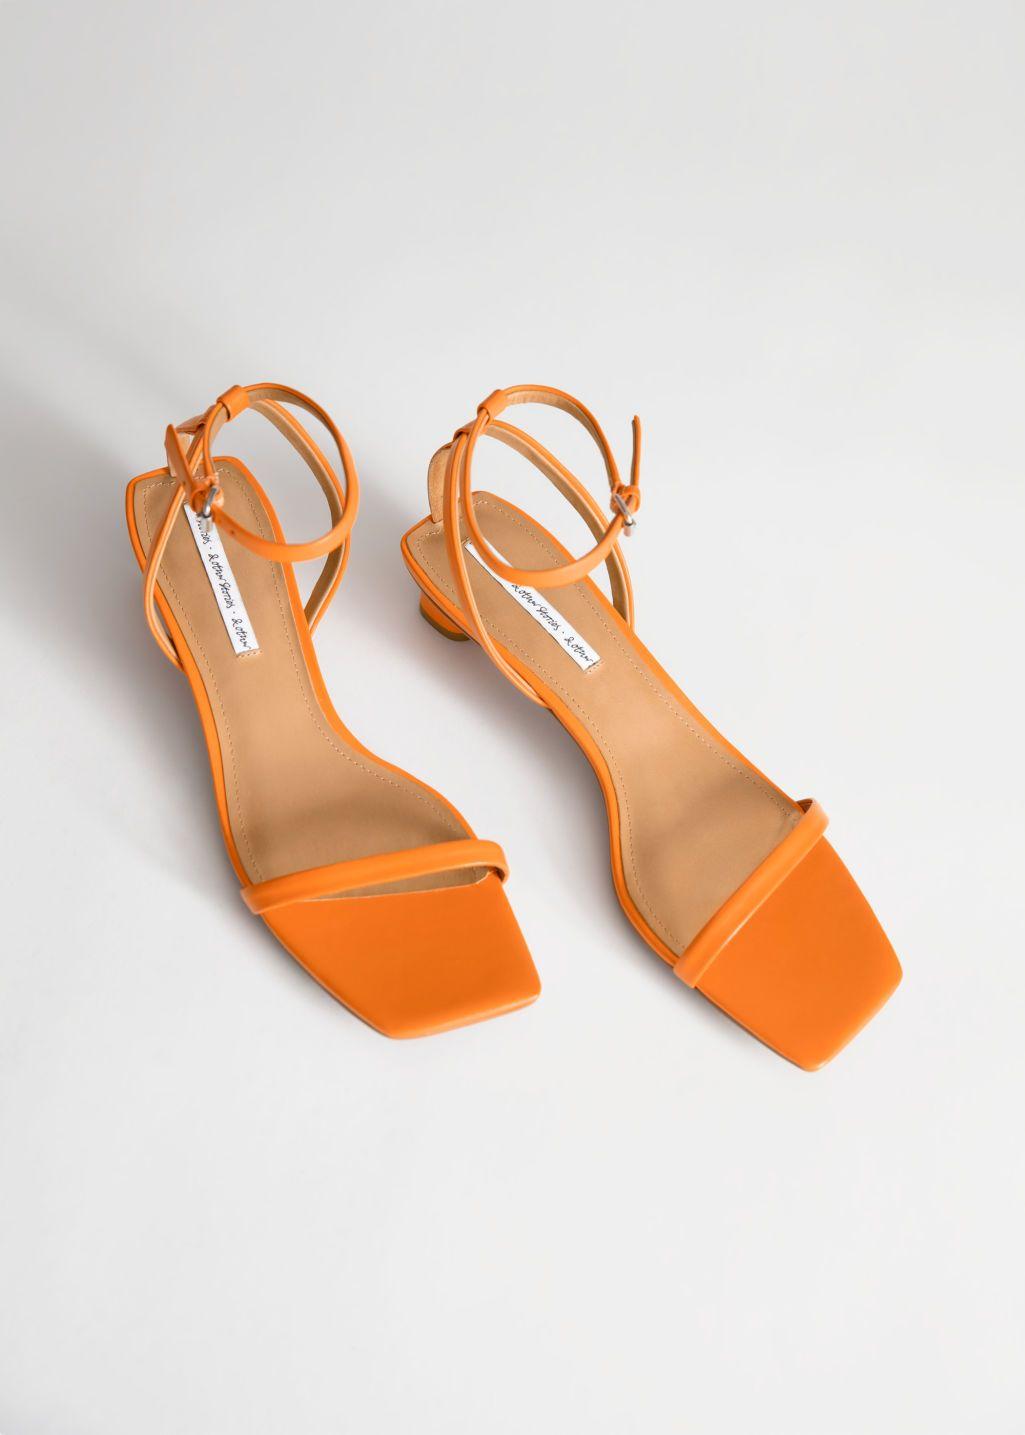 Pdp Kitten Heel Sandals Heel Sandals Outfit Orange Heeled Sandals